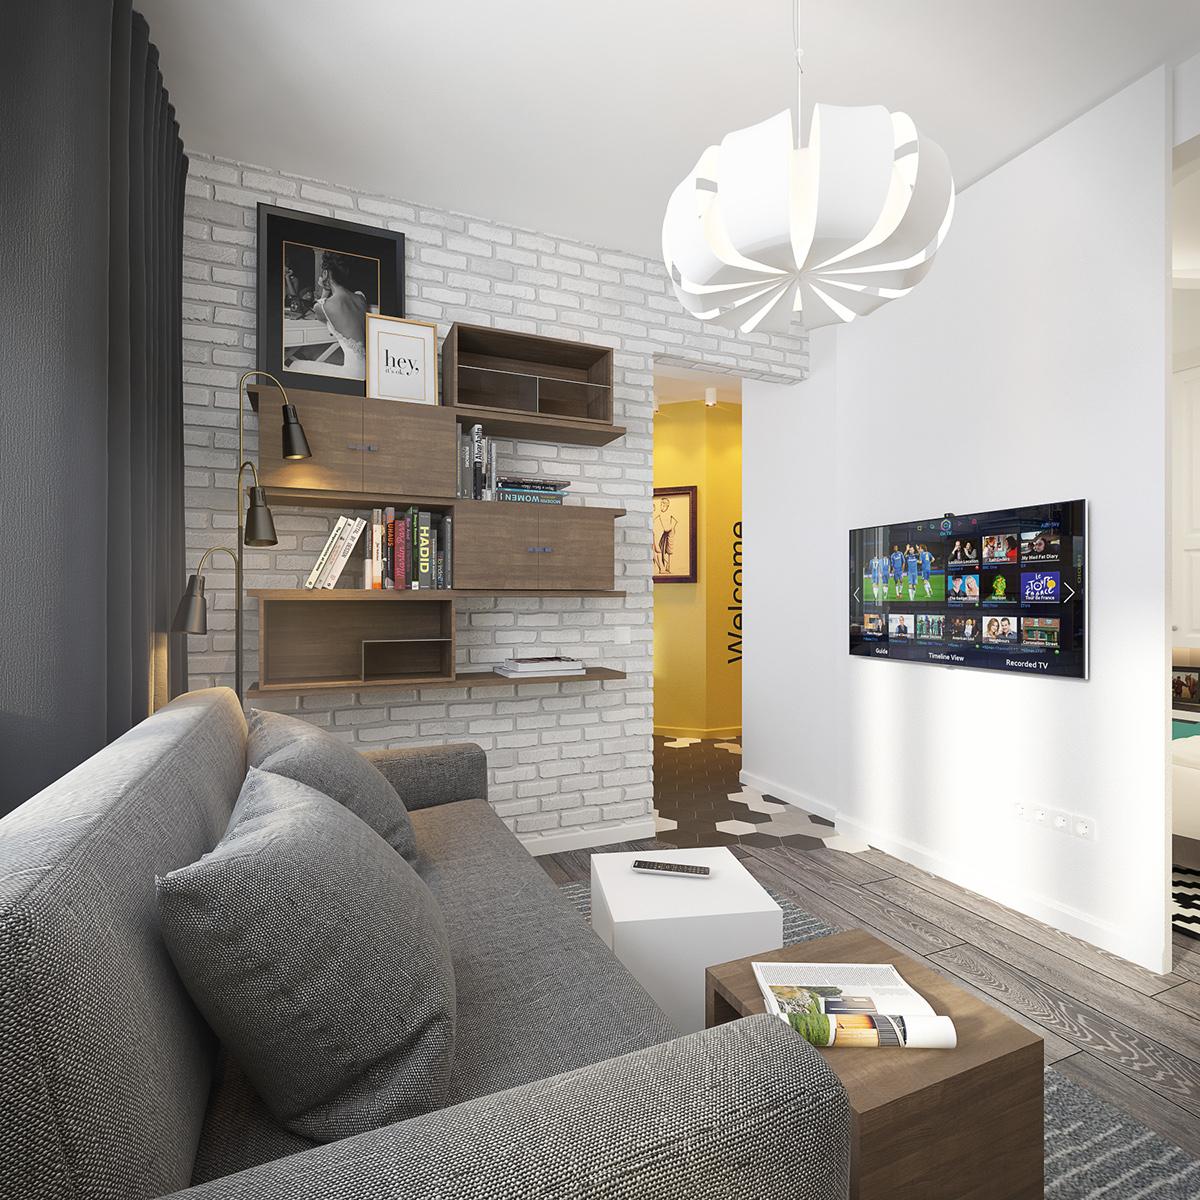 Ремонт квартир в Красноярске, цены на ремонт квартир